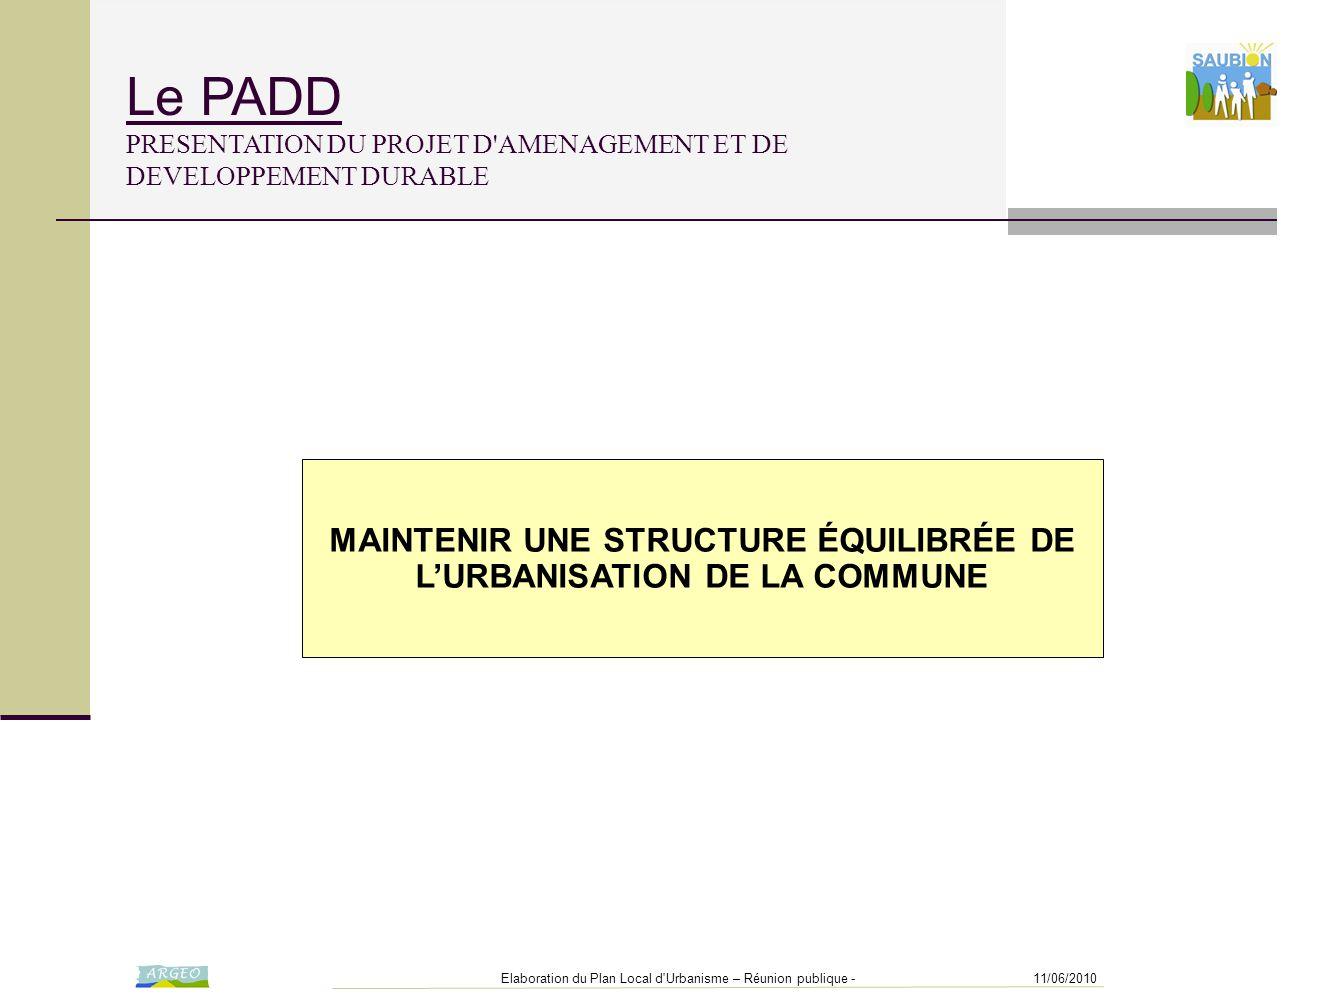 11/06/2010Elaboration du Plan Local d'Urbanisme – Réunion publique - MAINTENIR UNE STRUCTURE ÉQUILIBRÉE DE L'URBANISATION DE LA COMMUNE Le PADD PRESEN